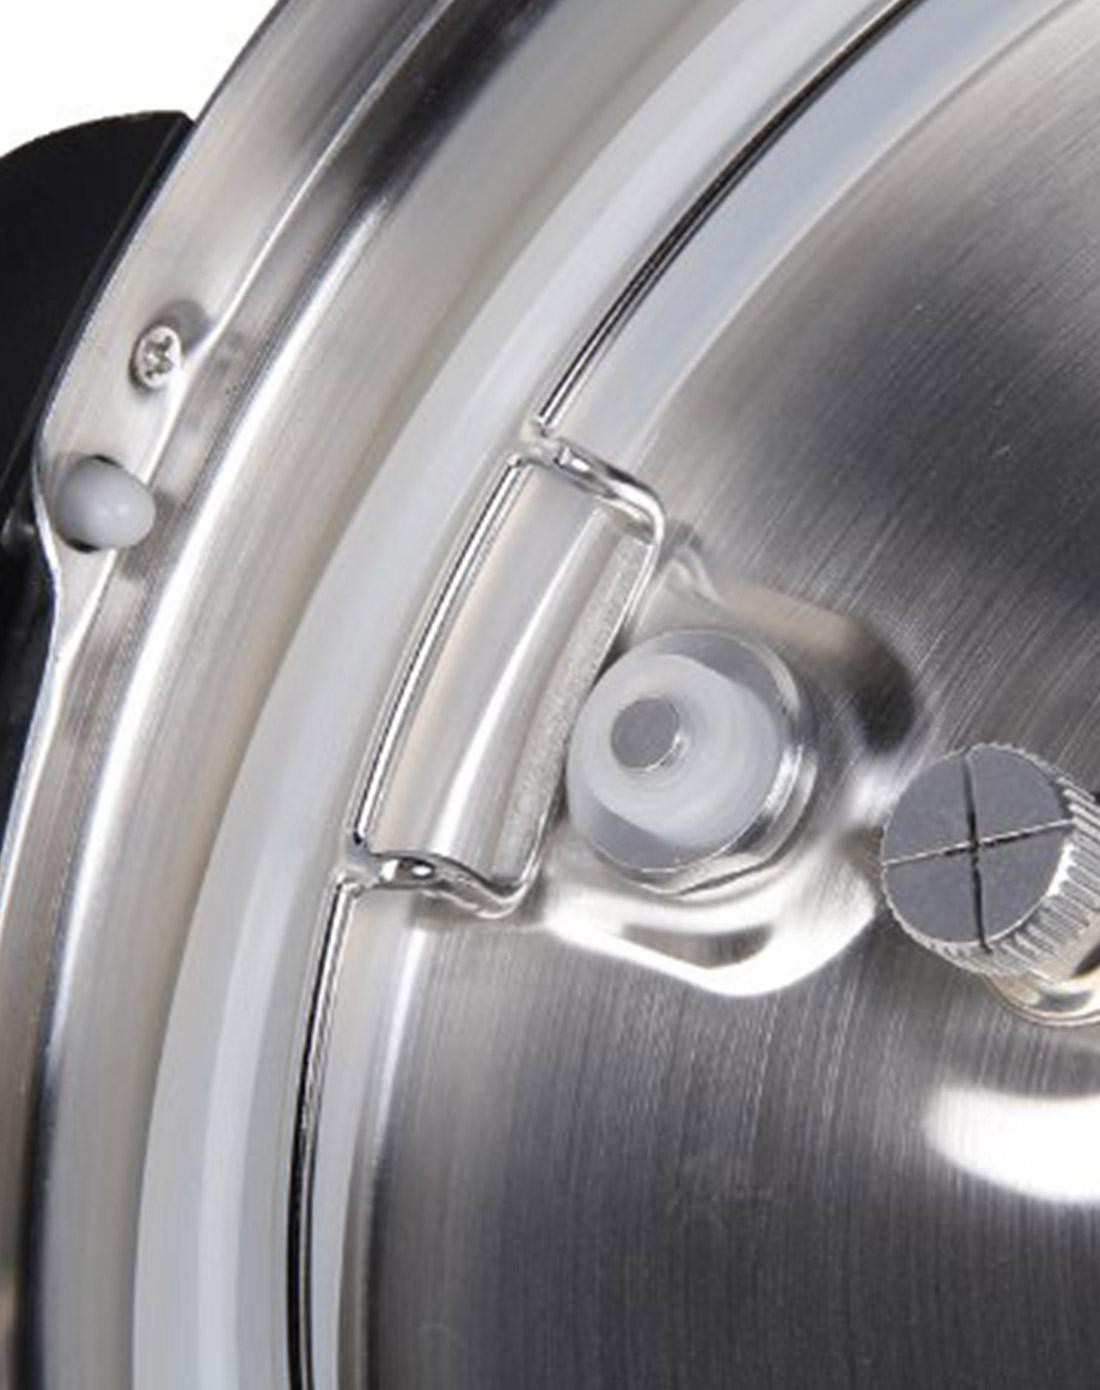 > 银色机械型电压力煲